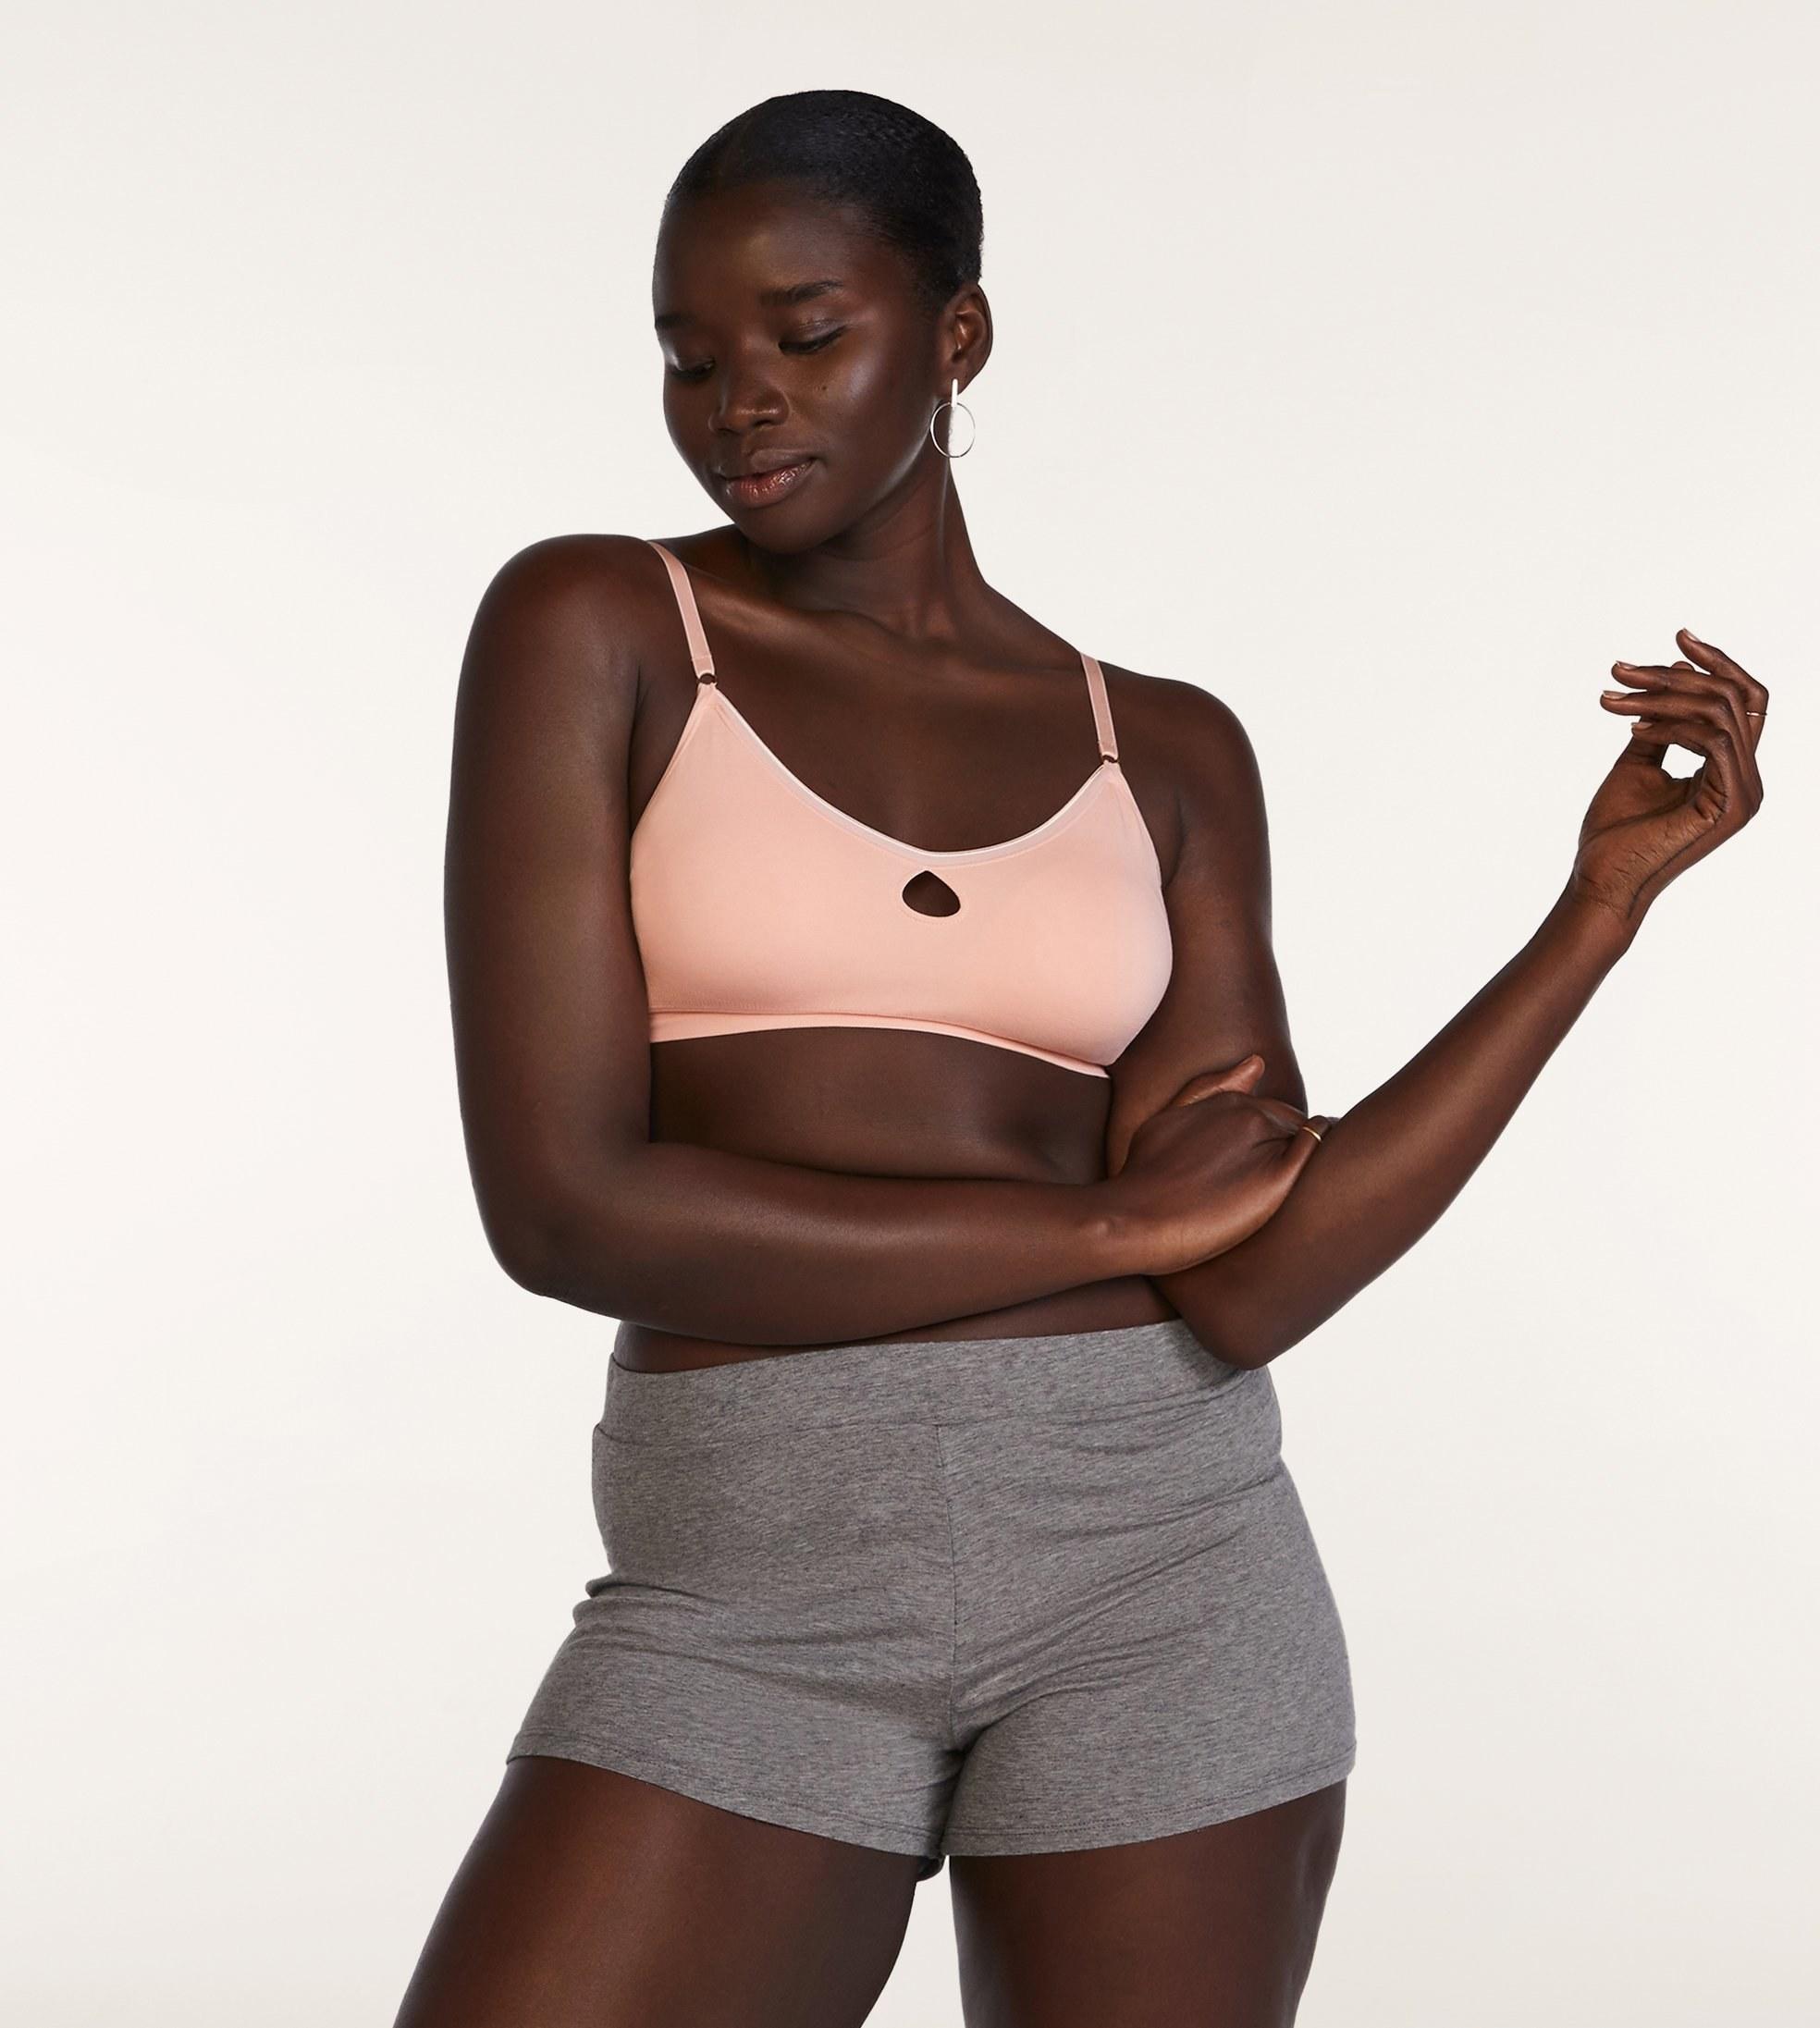 model wearing pink bralette